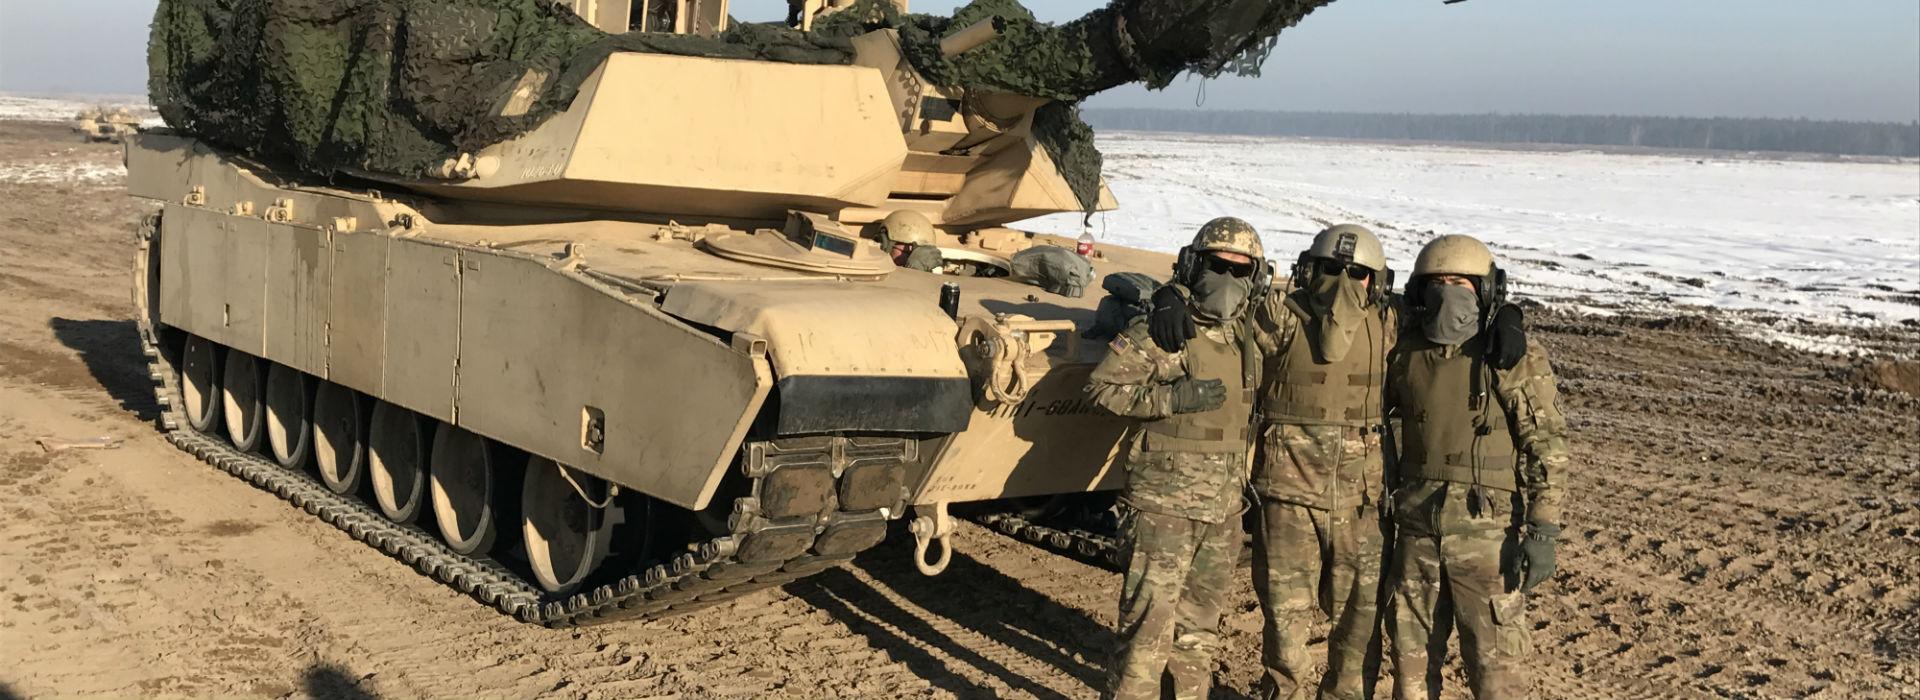 """Amerykanie chcą w ramach manewrów """"Defender 2020"""" ćwiczyć szybki przerzut swoich oddziałów przez Atlantyk i Niemcy do Polski i krajów bałtyckich"""